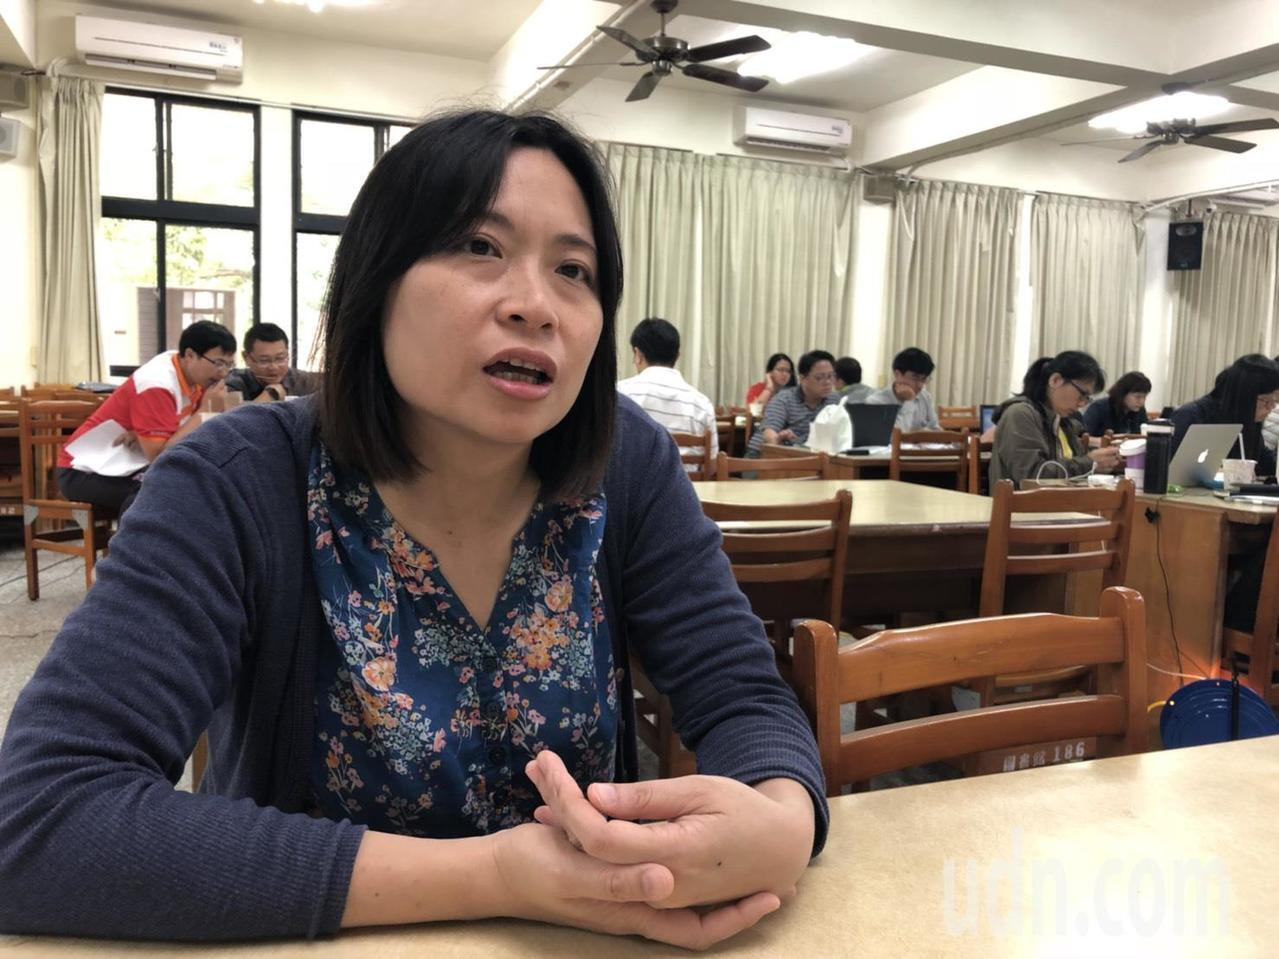 服務於台北市立麗山高中、借調國教署的藍偉瑩執教資歷20餘年。記者王慧瑛/攝影